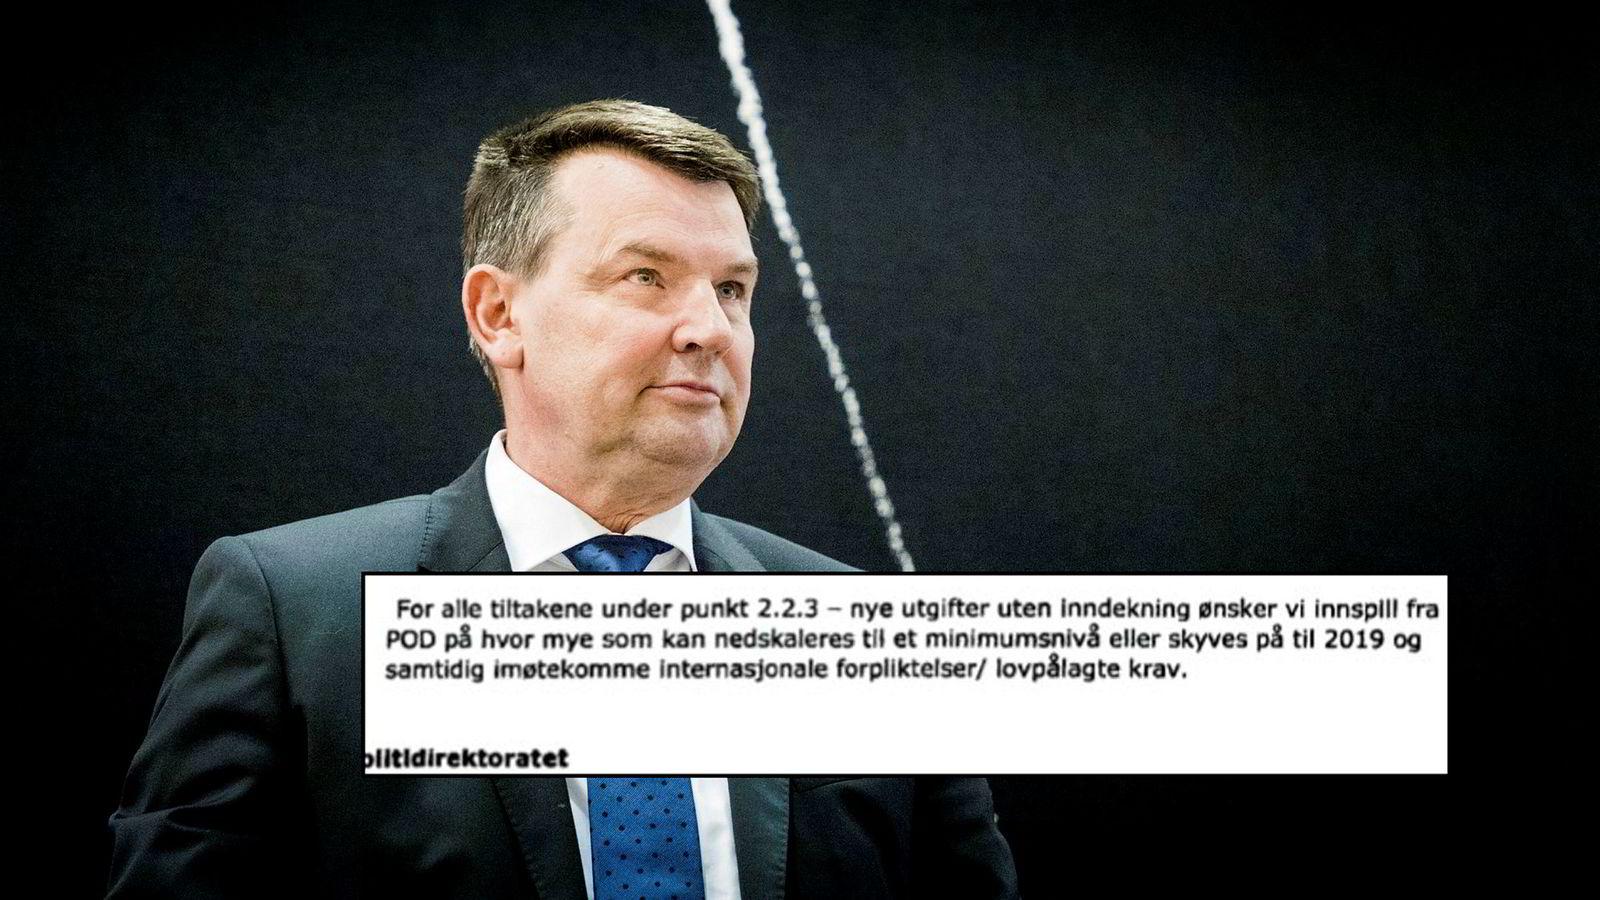 Justis-, beredskaps-, og innvandringsminister Tor Mikkel Wara under høringen om objektsikring. Han var ikke justisminister da departementet spurte om hvor mye mindre penger som kunne brukes.